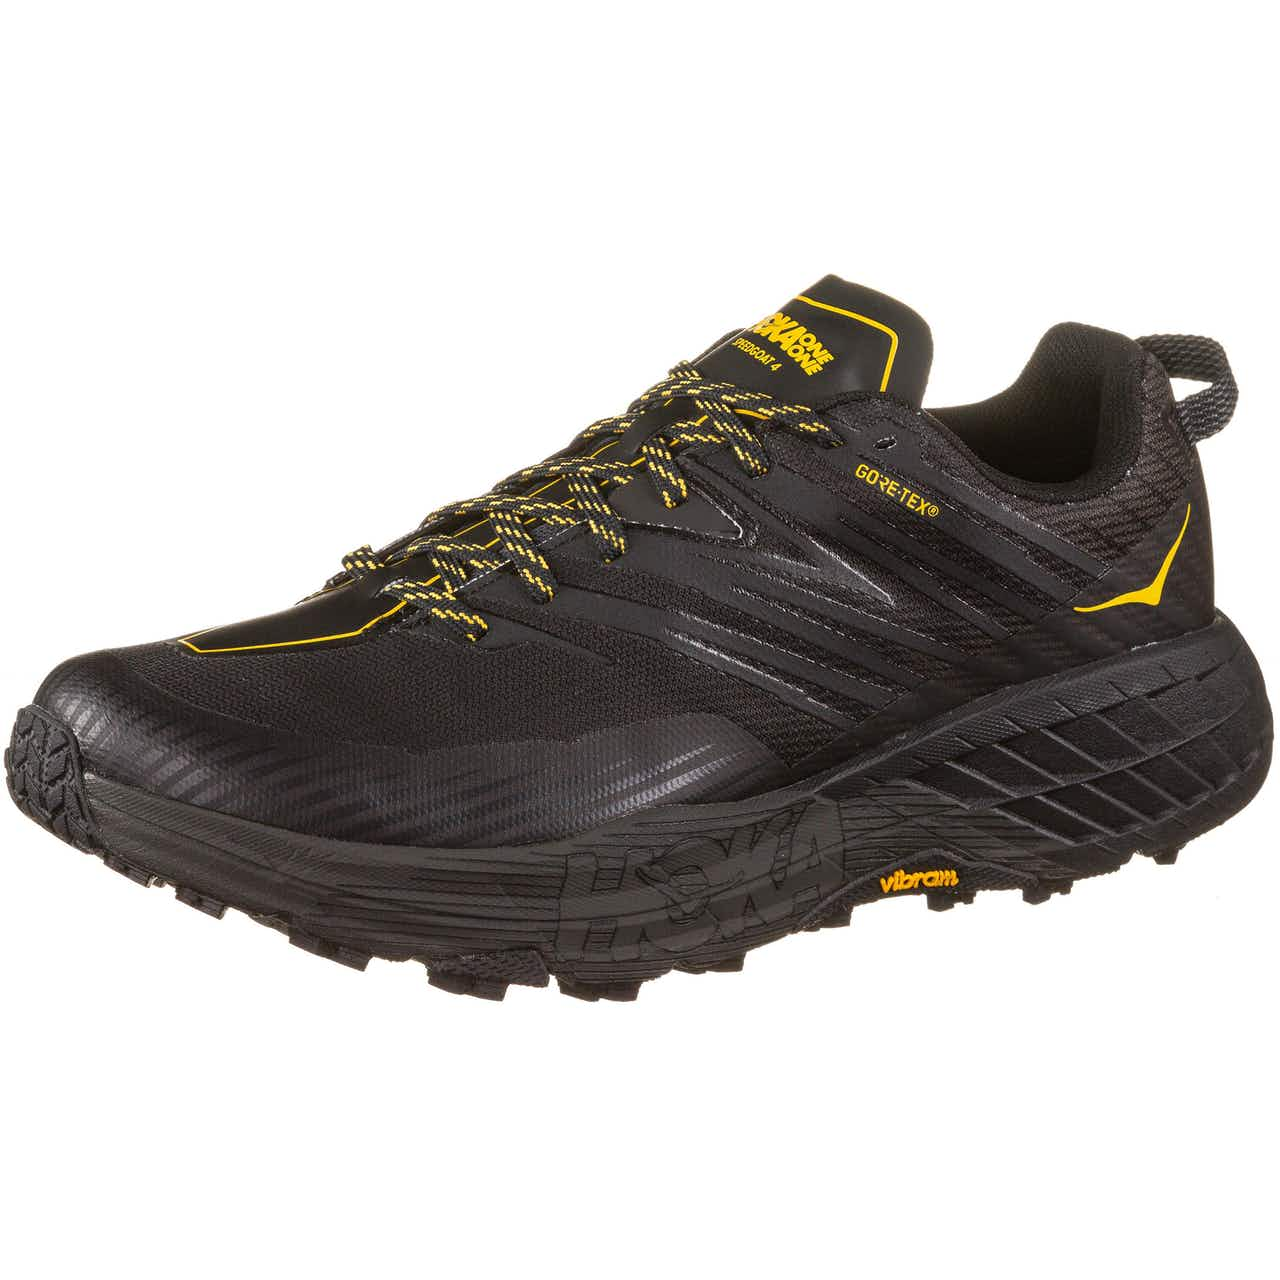 Hoka One One SPEEDGOAT 4 Trailrunning Schuhe Herren